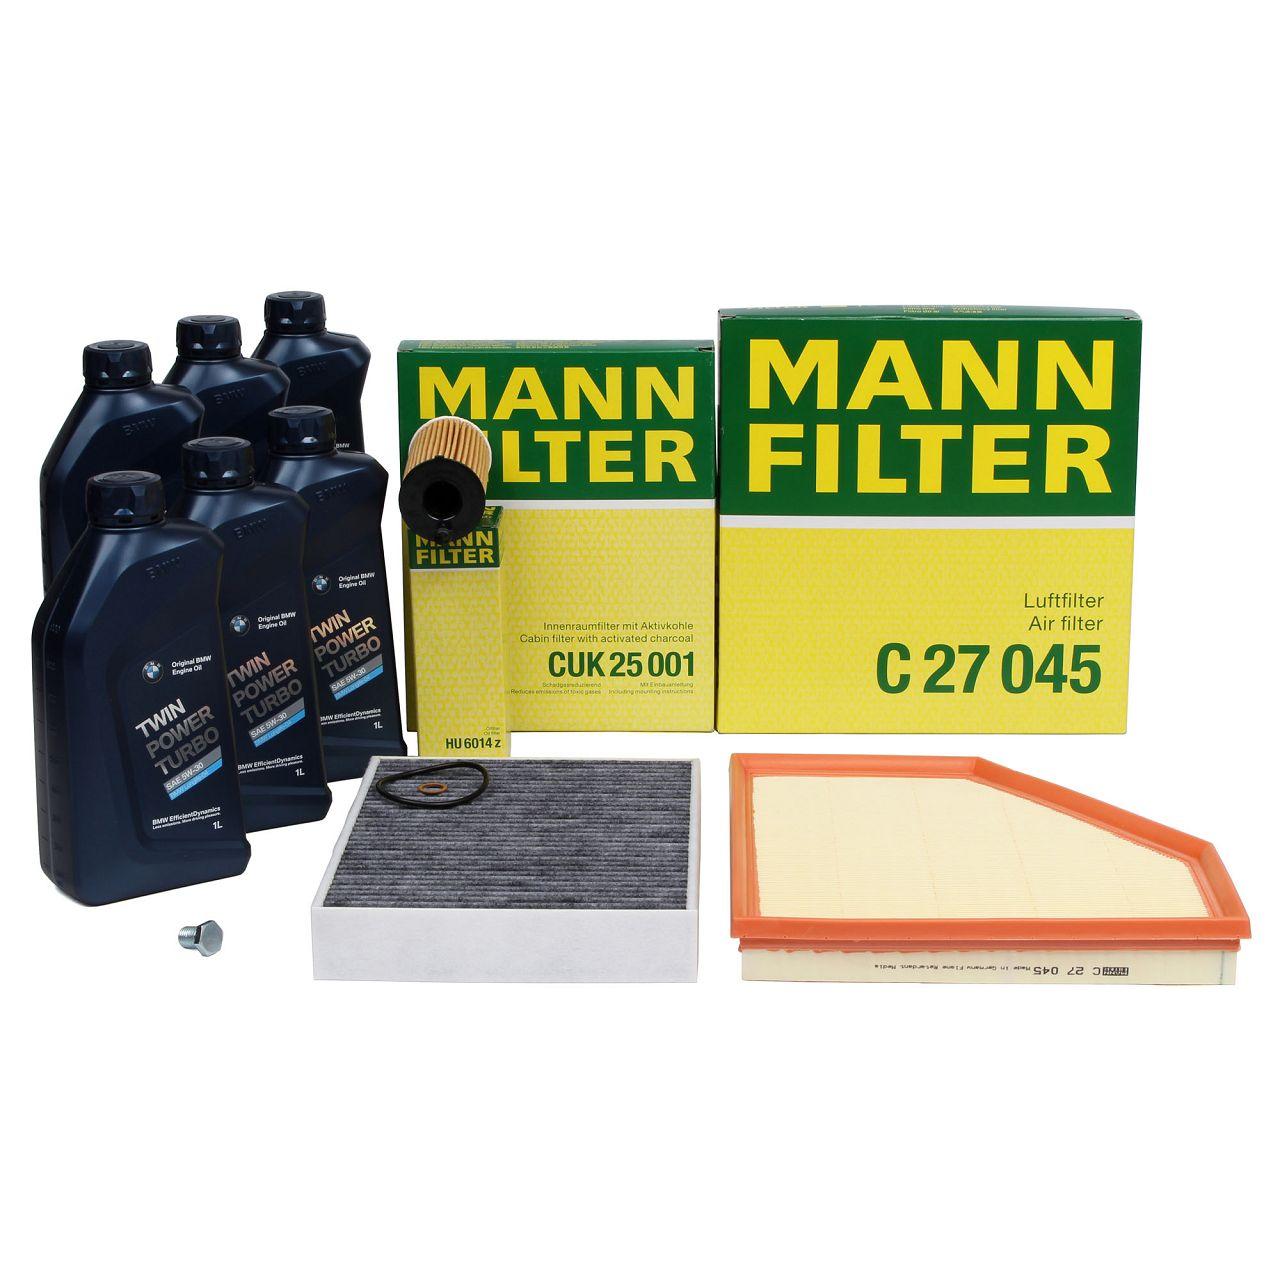 MANN Inspektionskit + 6 L ORIGINAL BMW 5W30 Motoröl für F20 120i 125i 220i 230i F30 330i